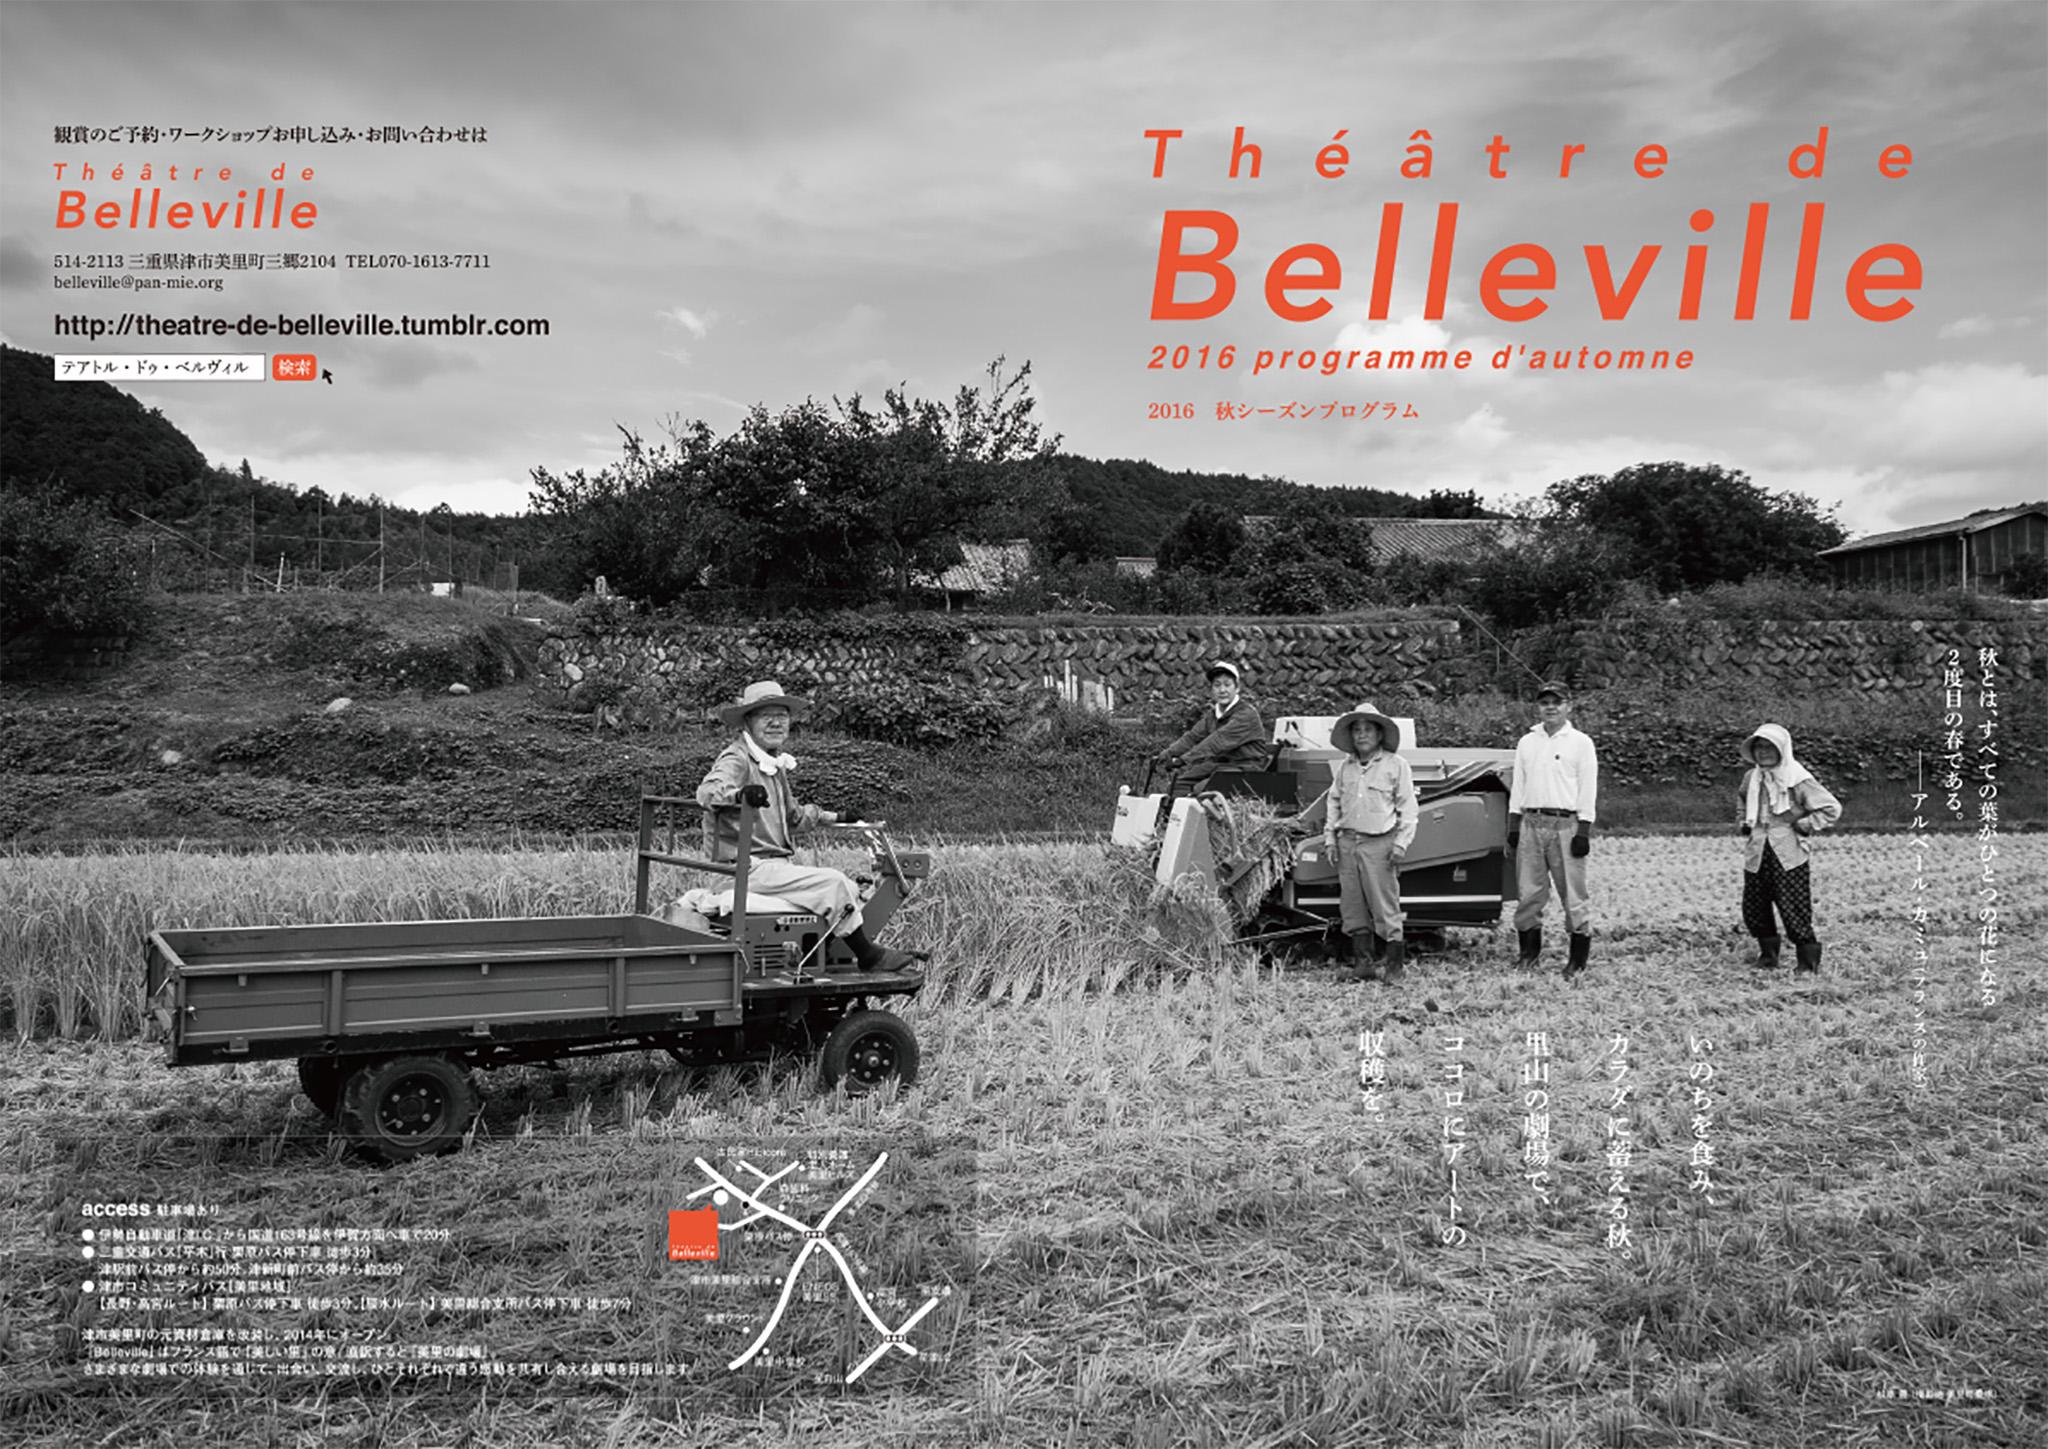 2016秋Théâtre de Bellevilleパンフレット表紙